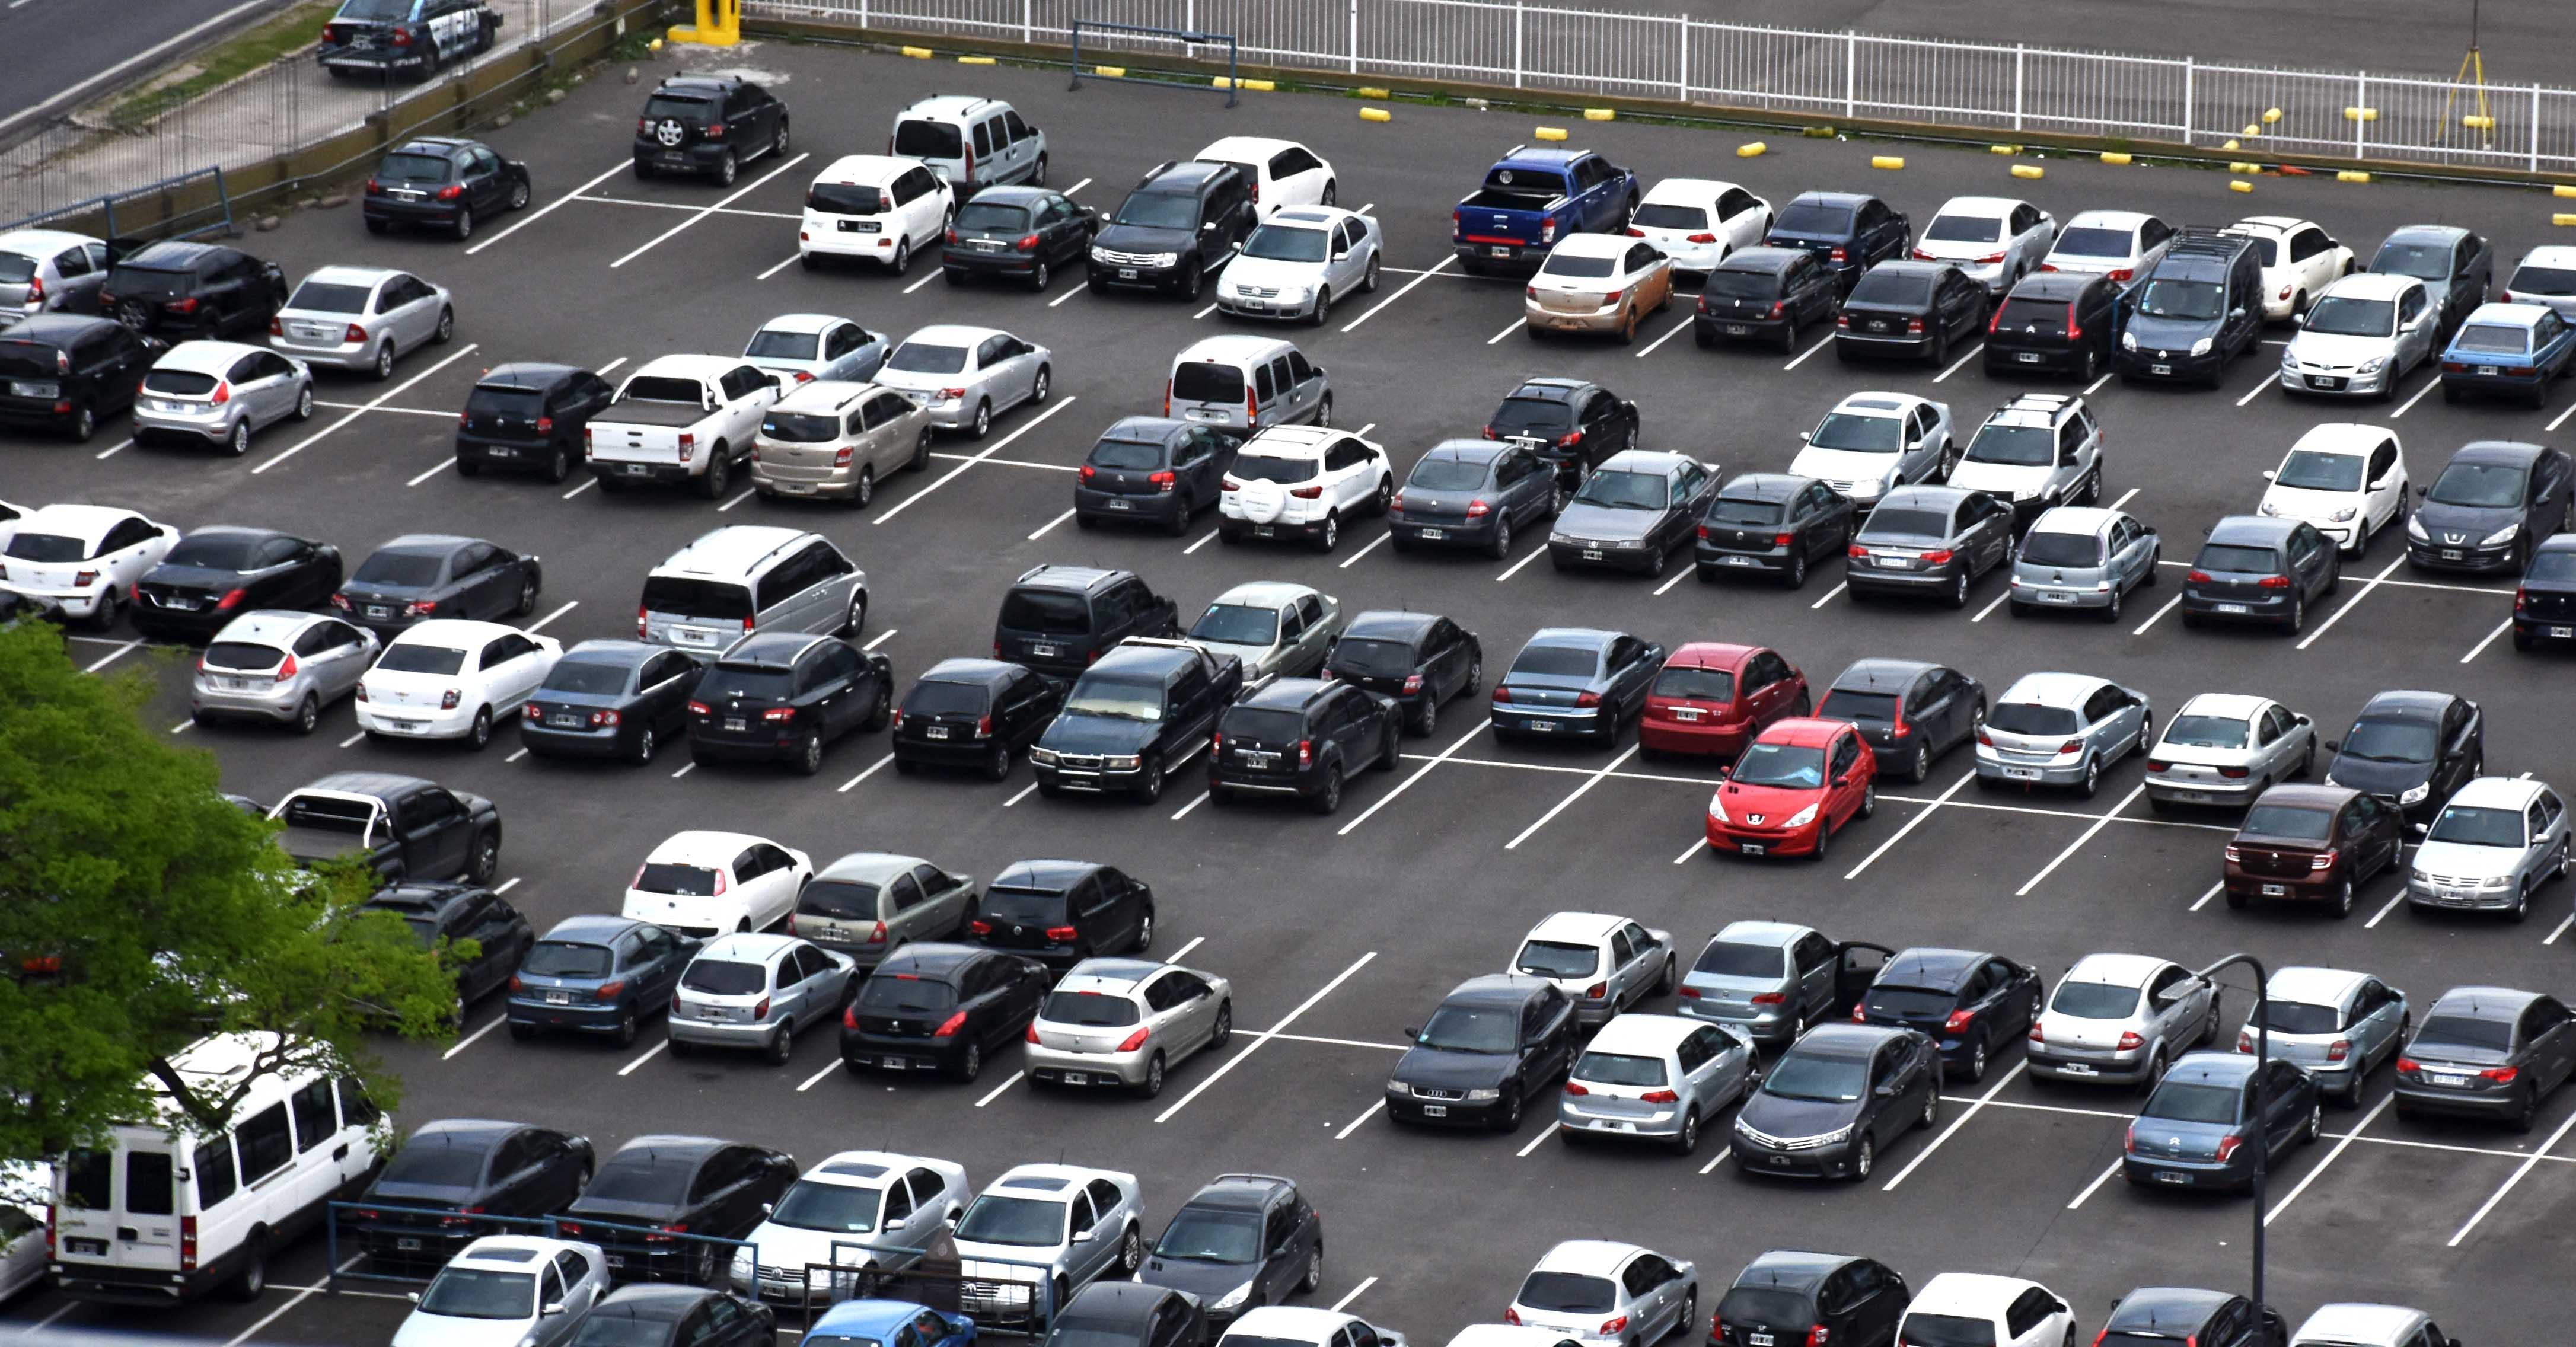 El patentamiento de autos cero kilómetros aumentó un 60%